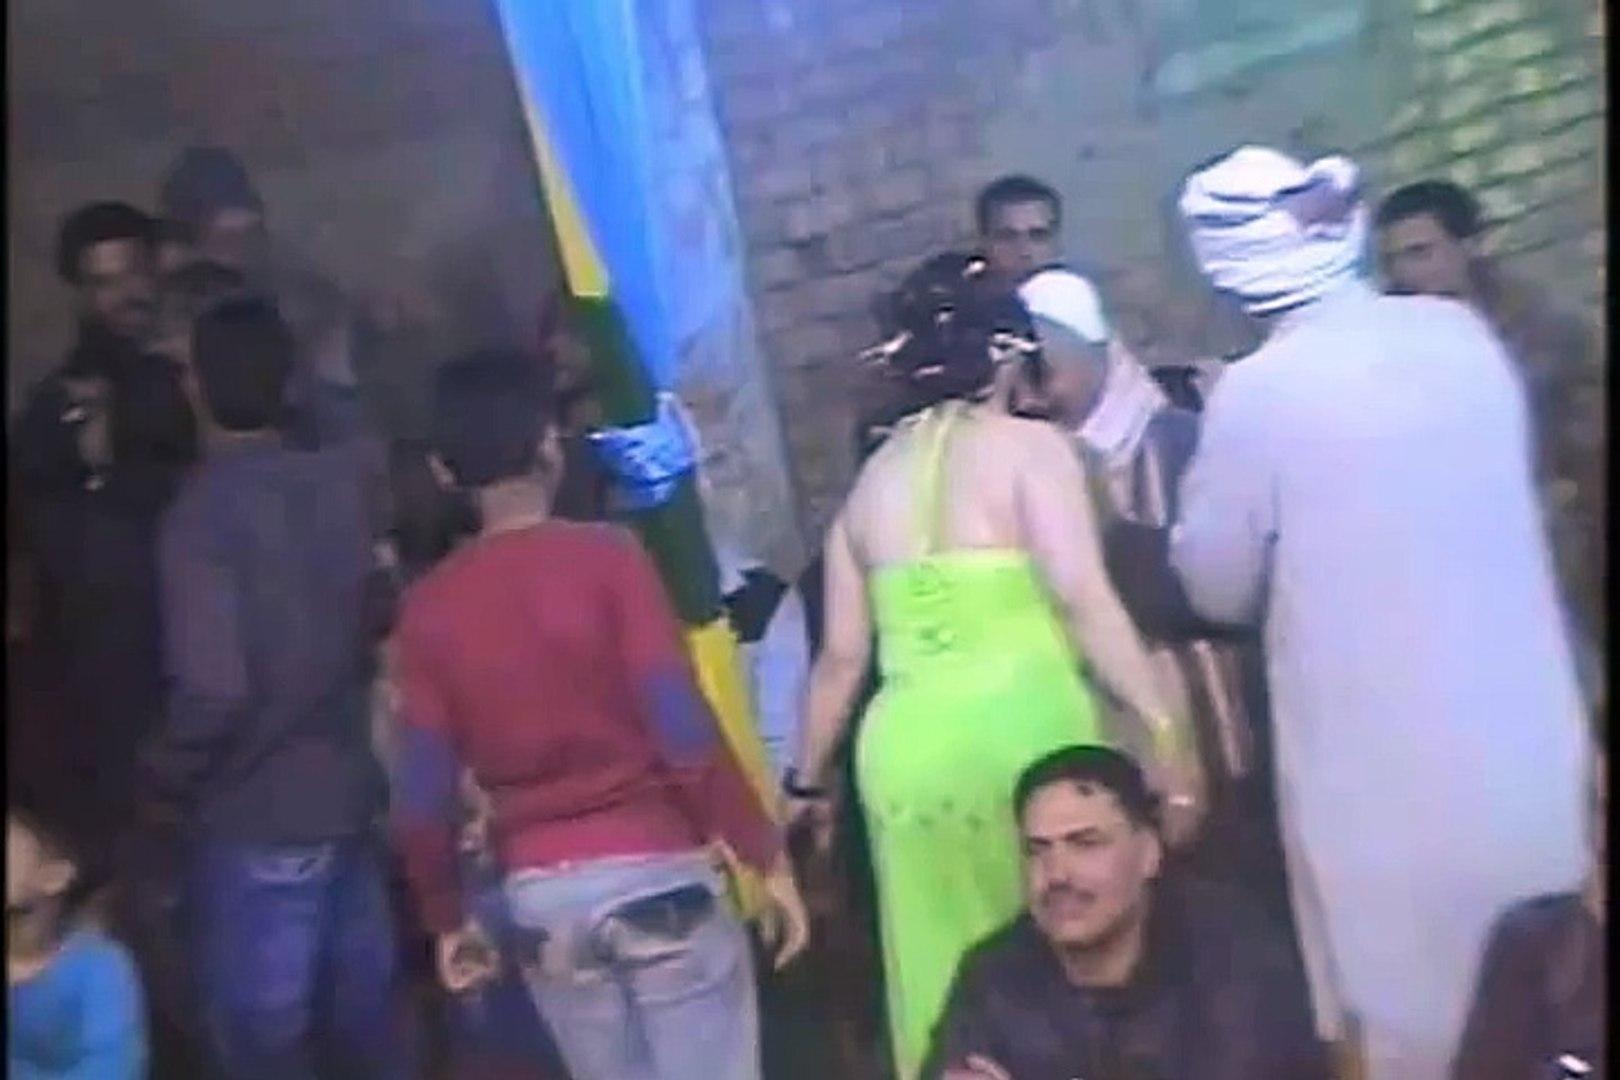 الراقصة فتاك مثيرة رقص على واحد ونصف سكسي نار مع المعزيم حصري 2015 راقصات بلقاس